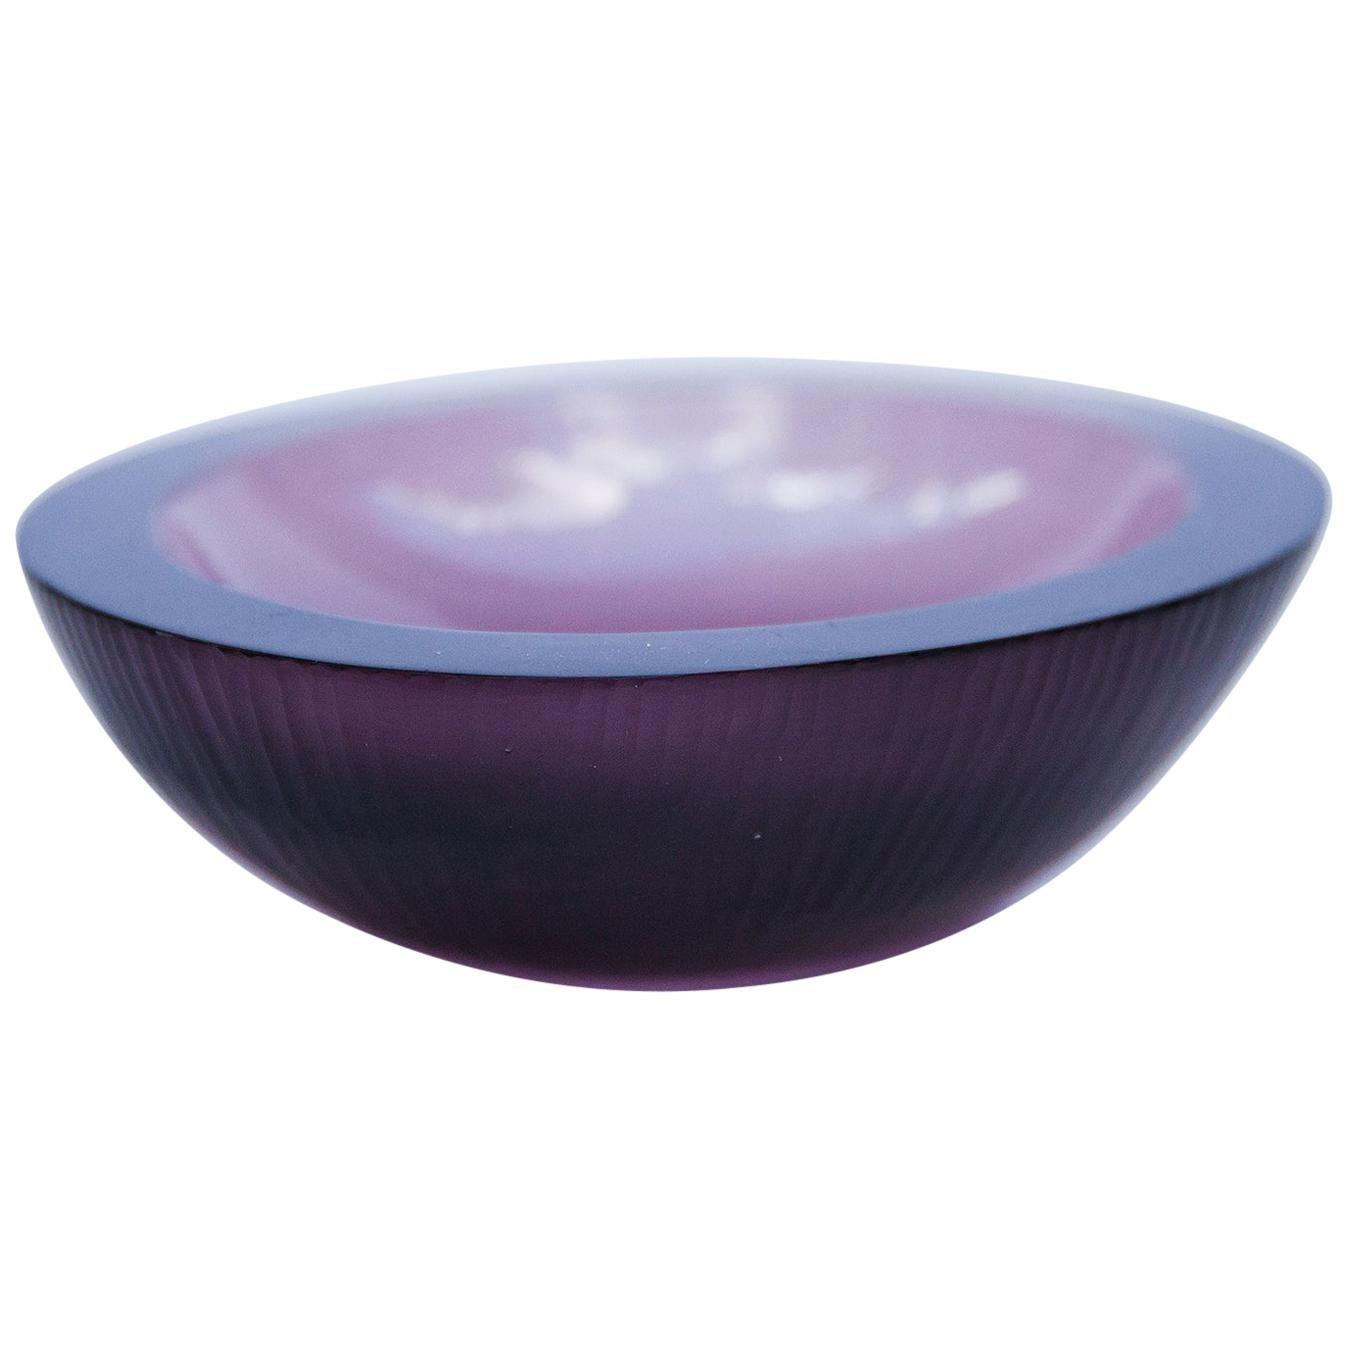 Venini Purple Murano Glass Bowl by Carlo Scarpa, 1960s